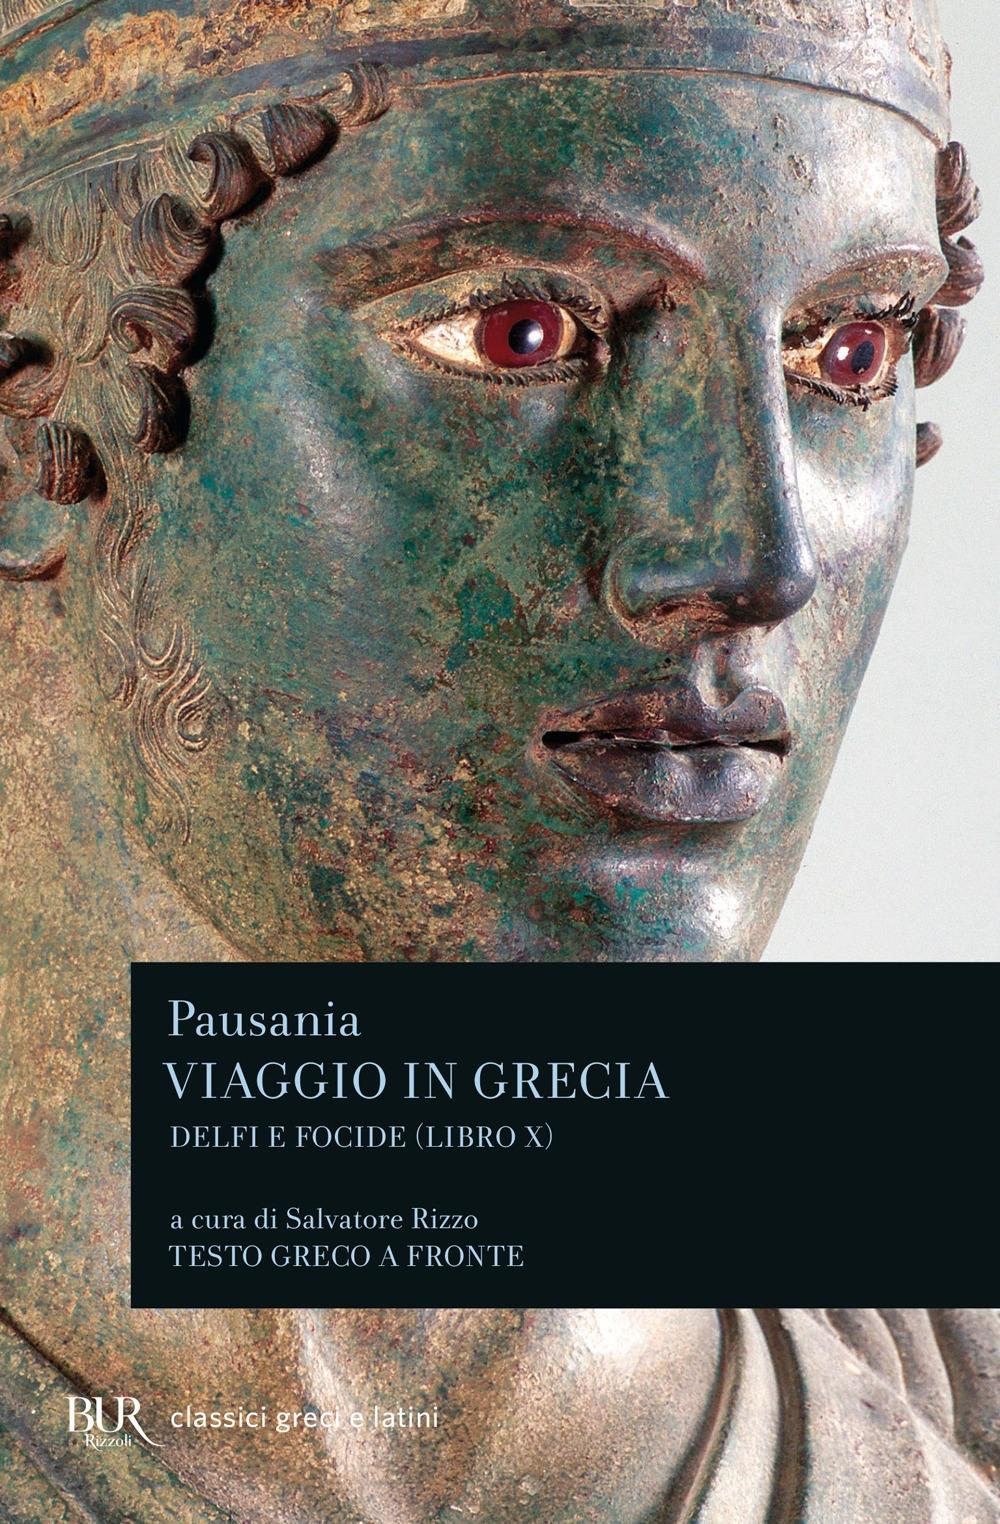 Viaggio in Grecia. Guida antiquaria e artistica. Testo greco a fronte. Vol. 10: Delfi e Focide